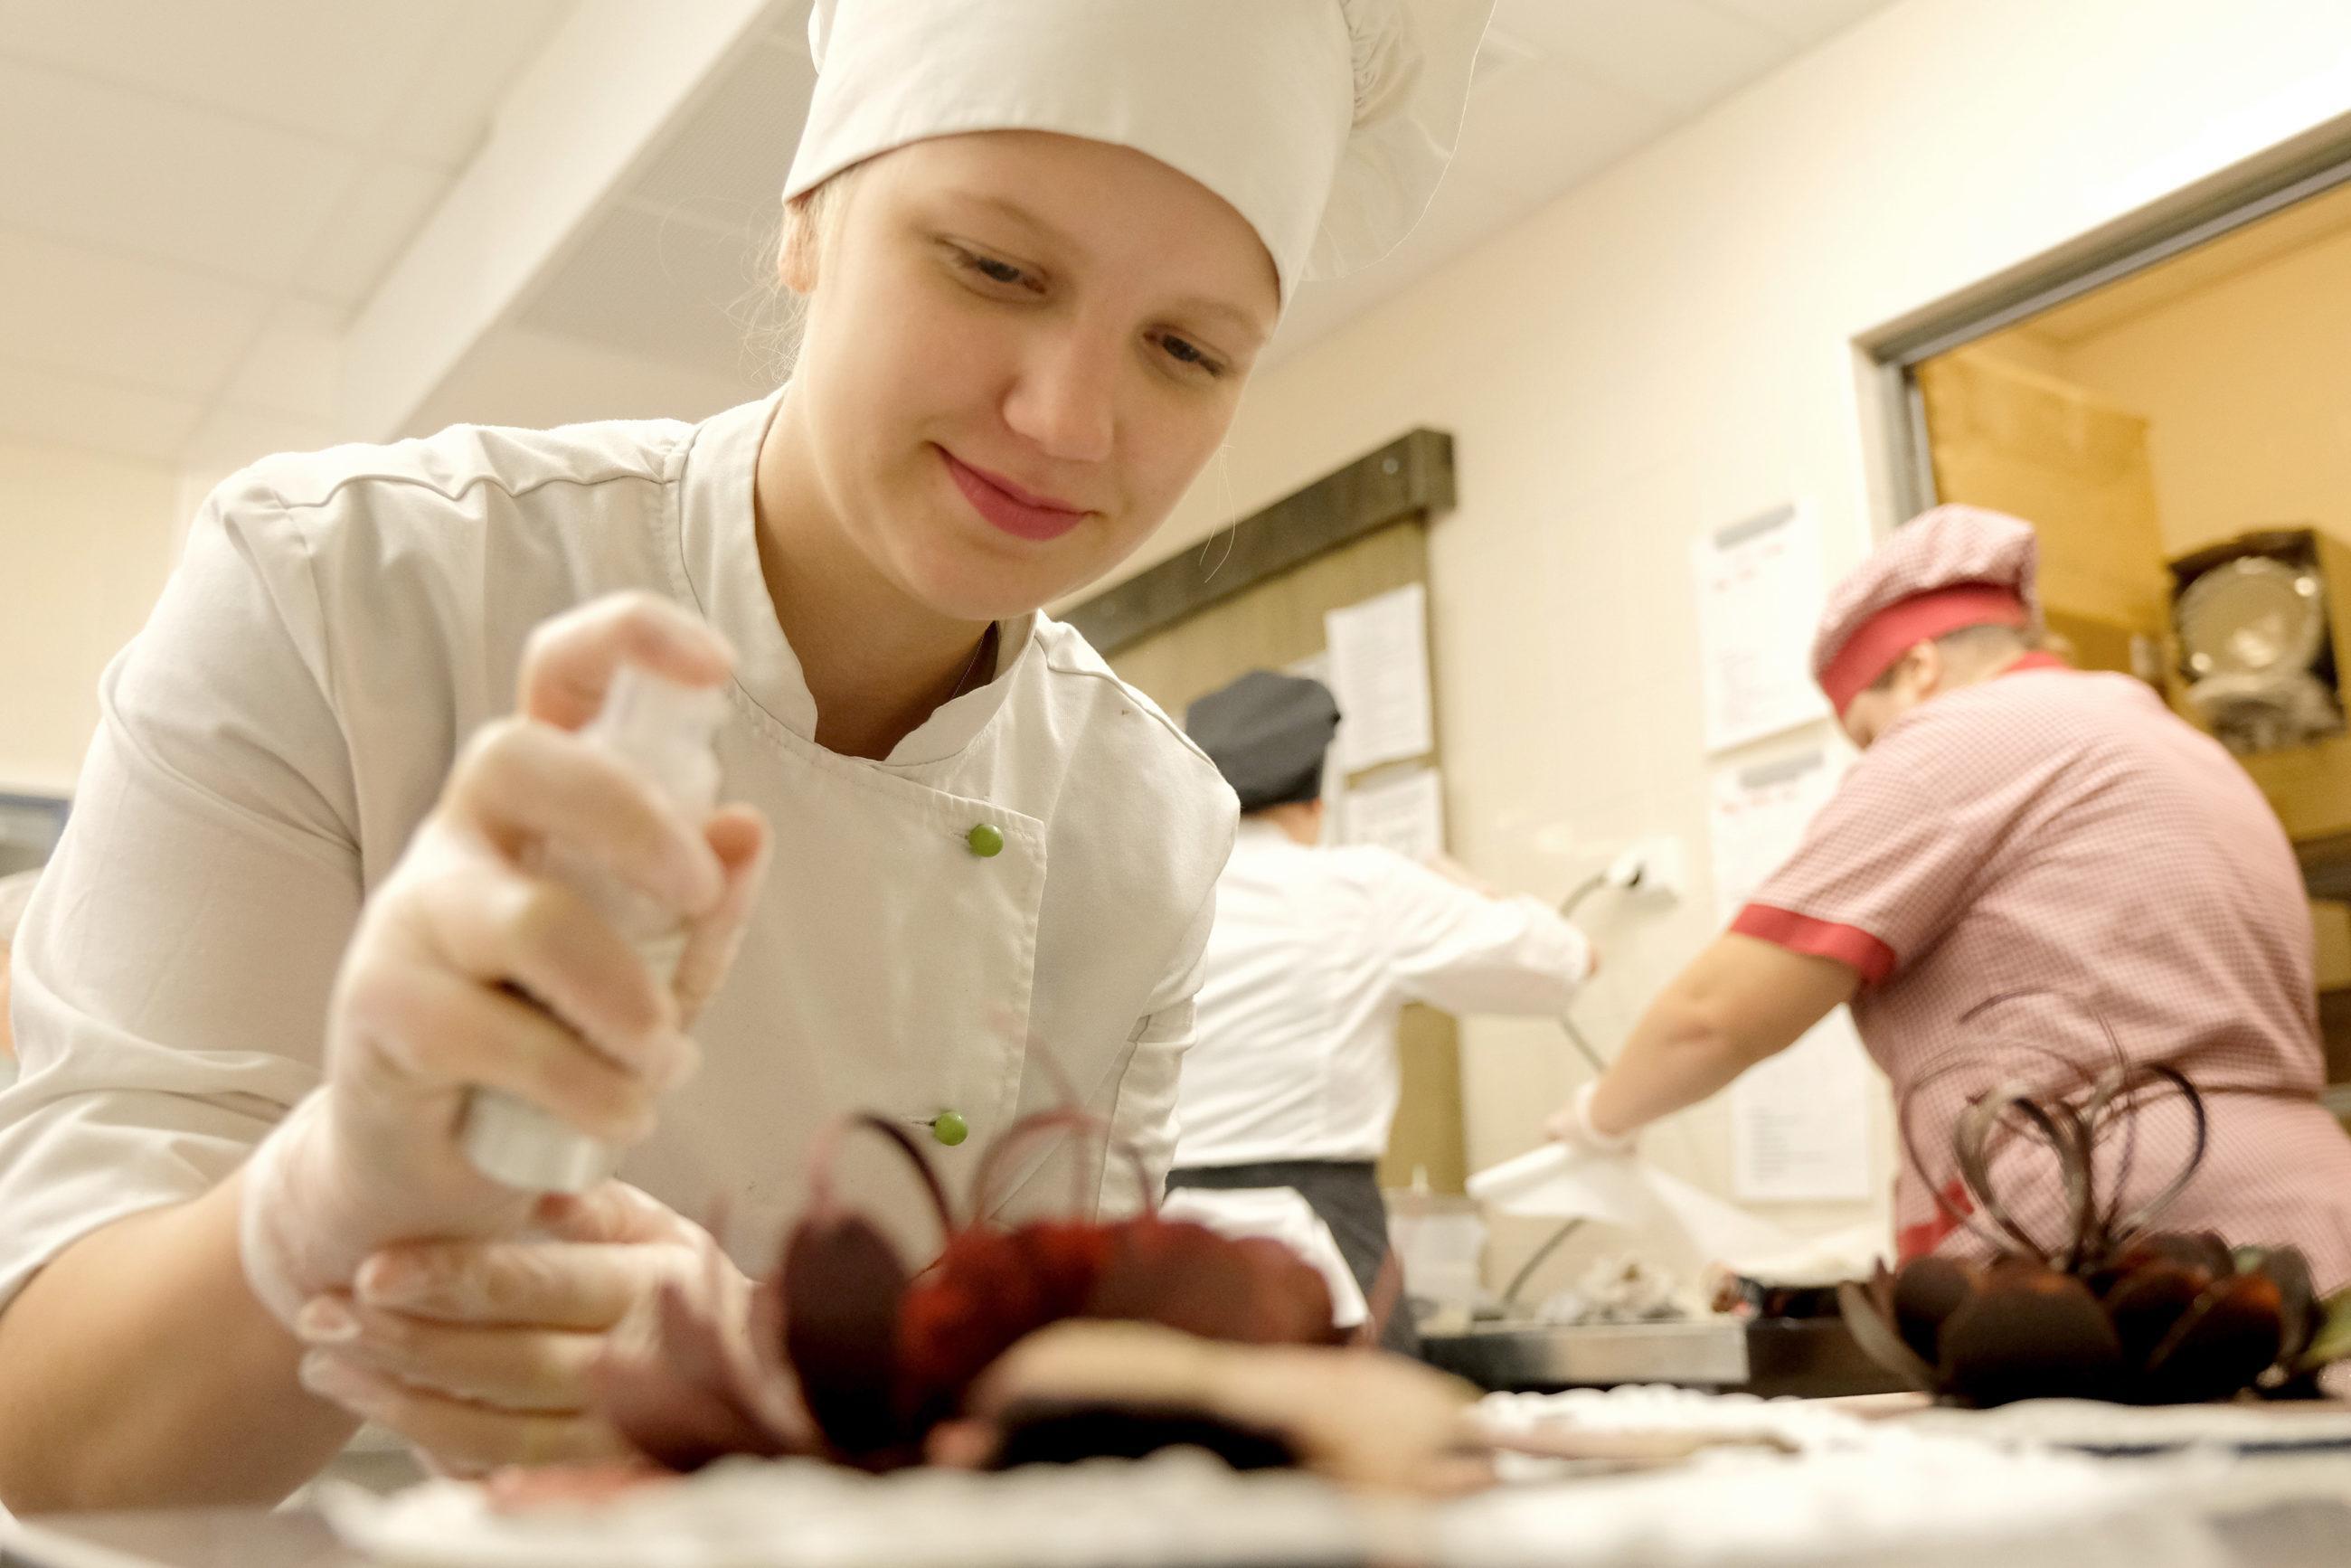 Valkoiseen kokinasuun pukeutunut henkilö koristelee pöydällä olevia leivoksia, taustalla näkyy kaksi muuta keittiötyöasuun pukeutunutta henkilöä.